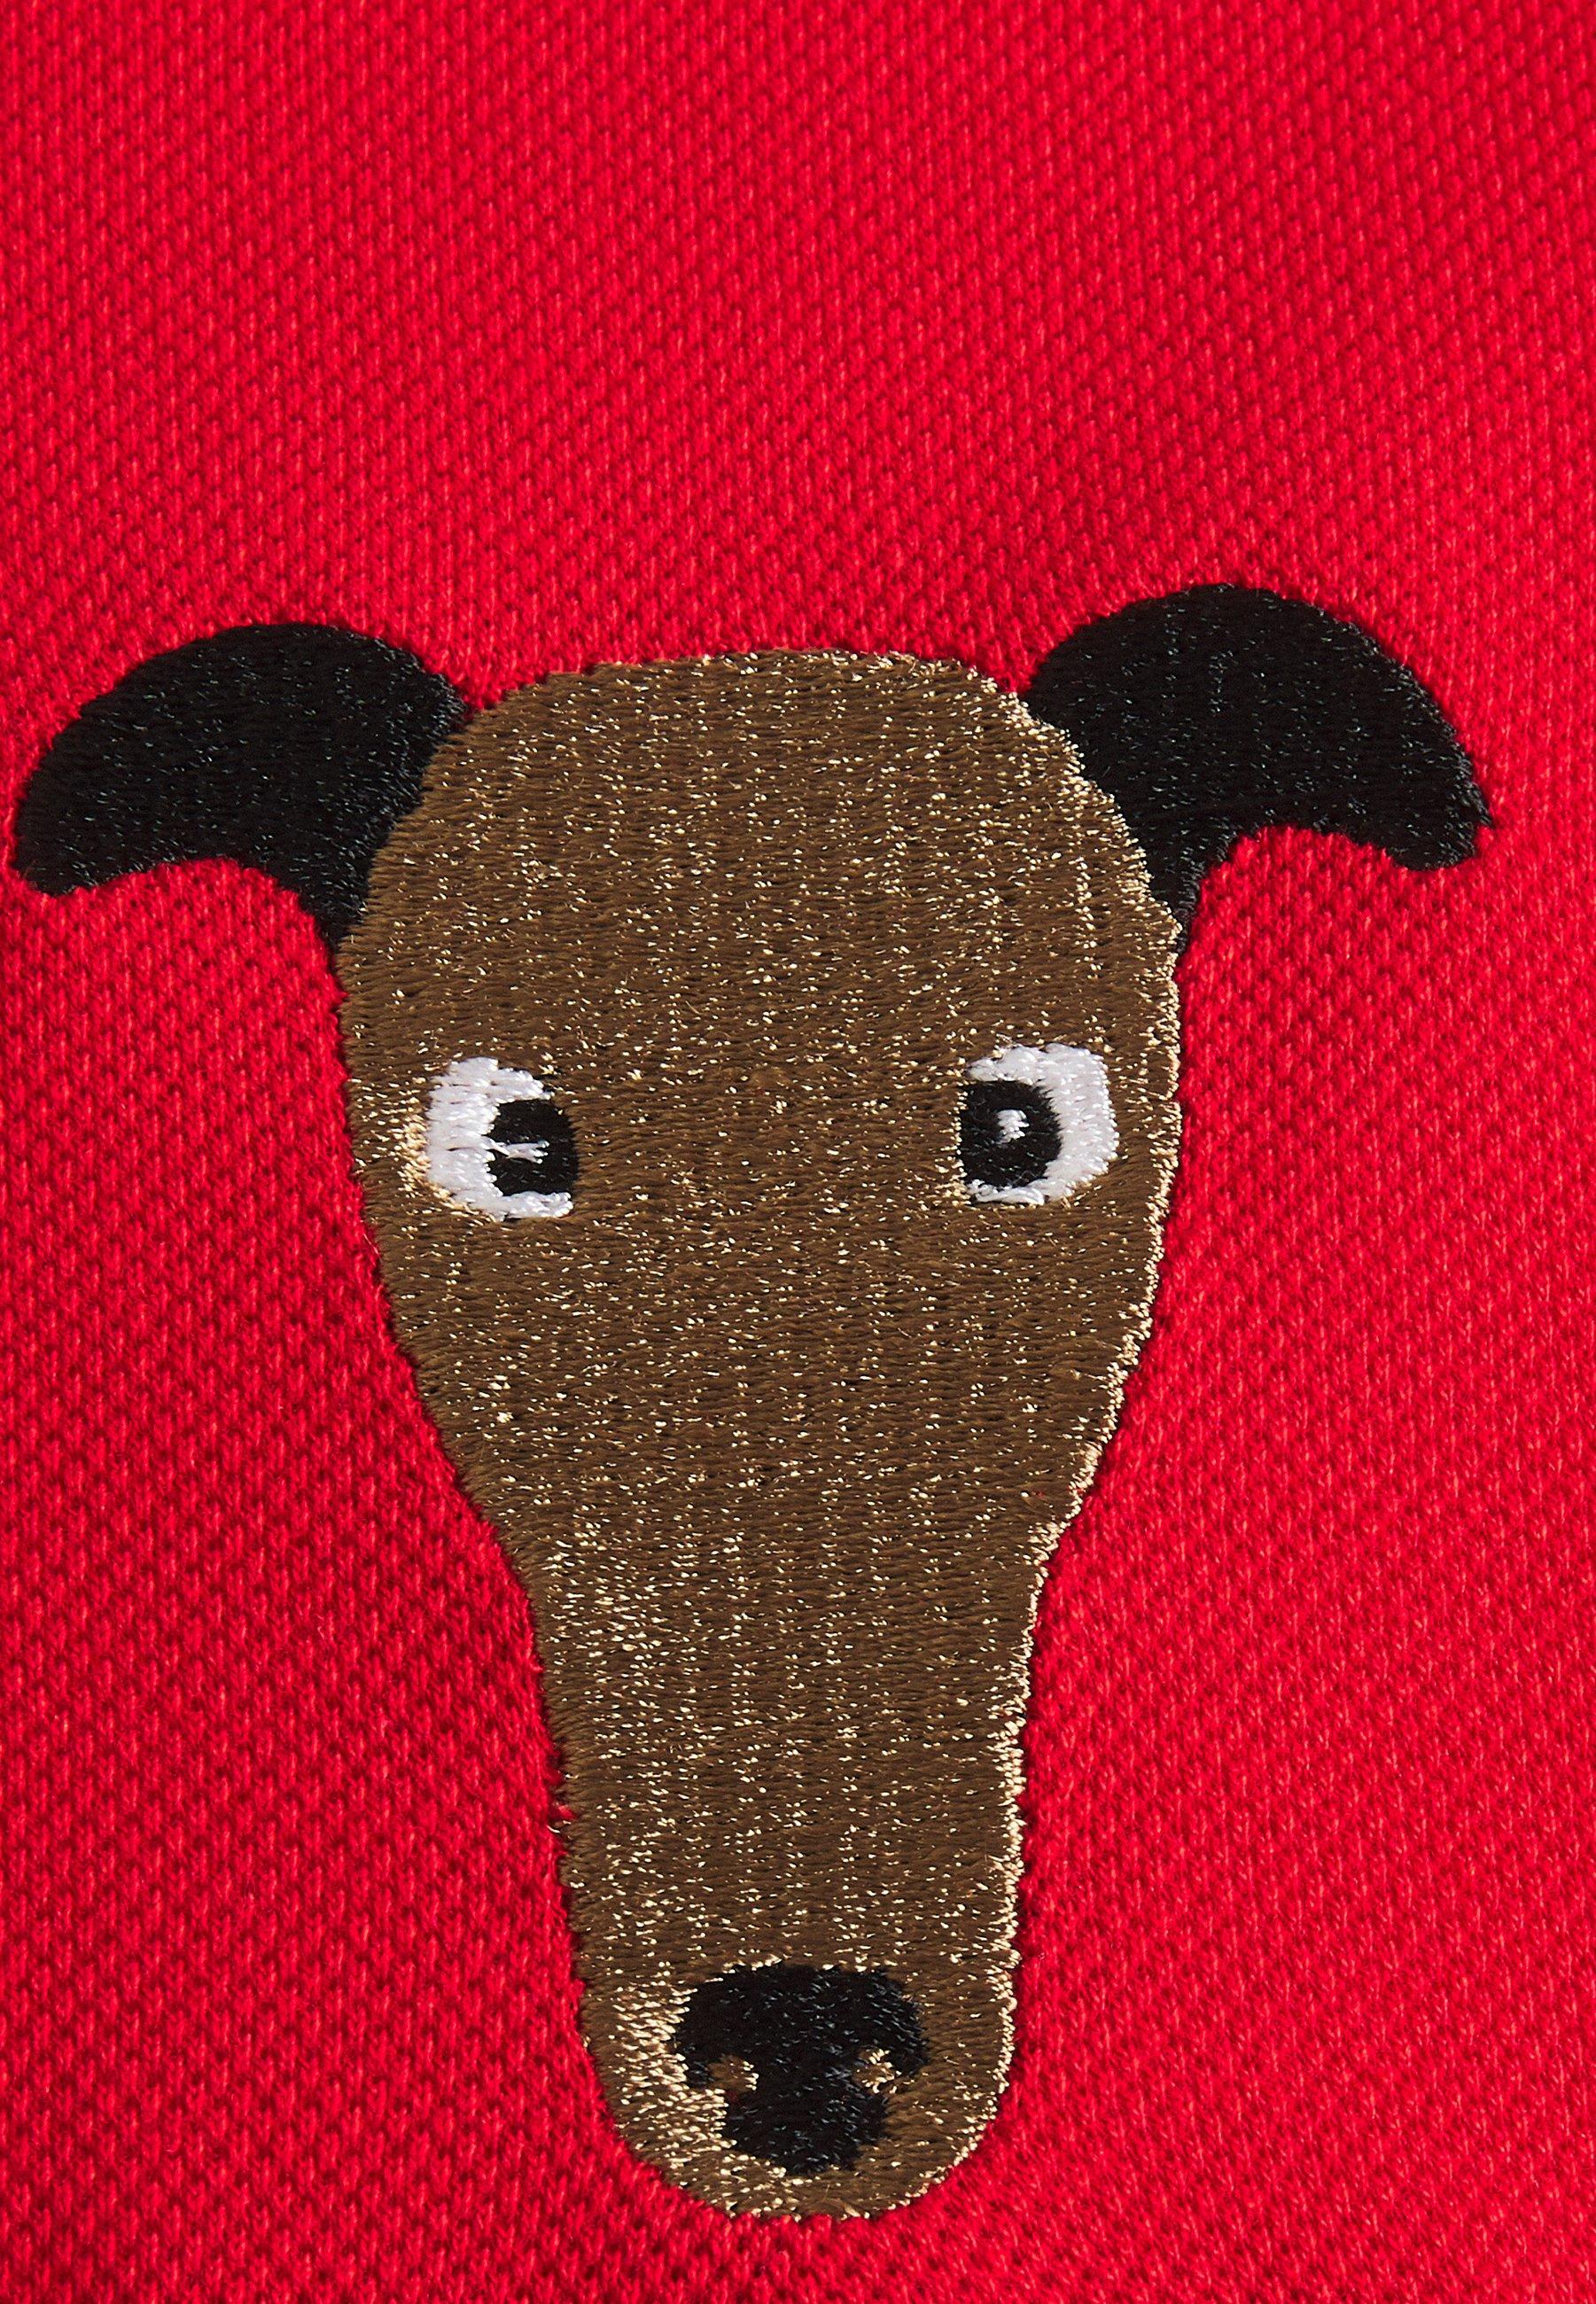 Trussardi COTTON PIQUET REGULAR - Polo shirt - red vDRVw